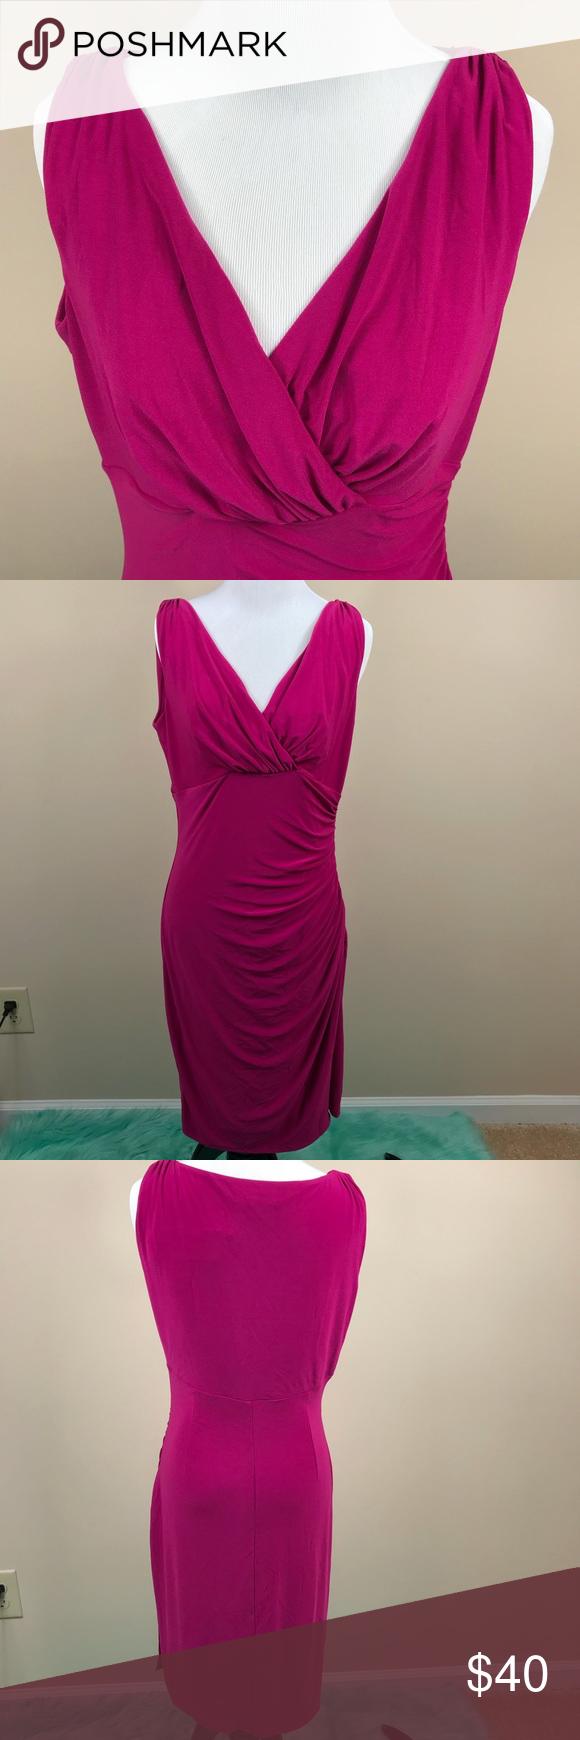 NWT Ralph Lauren dress sz 8